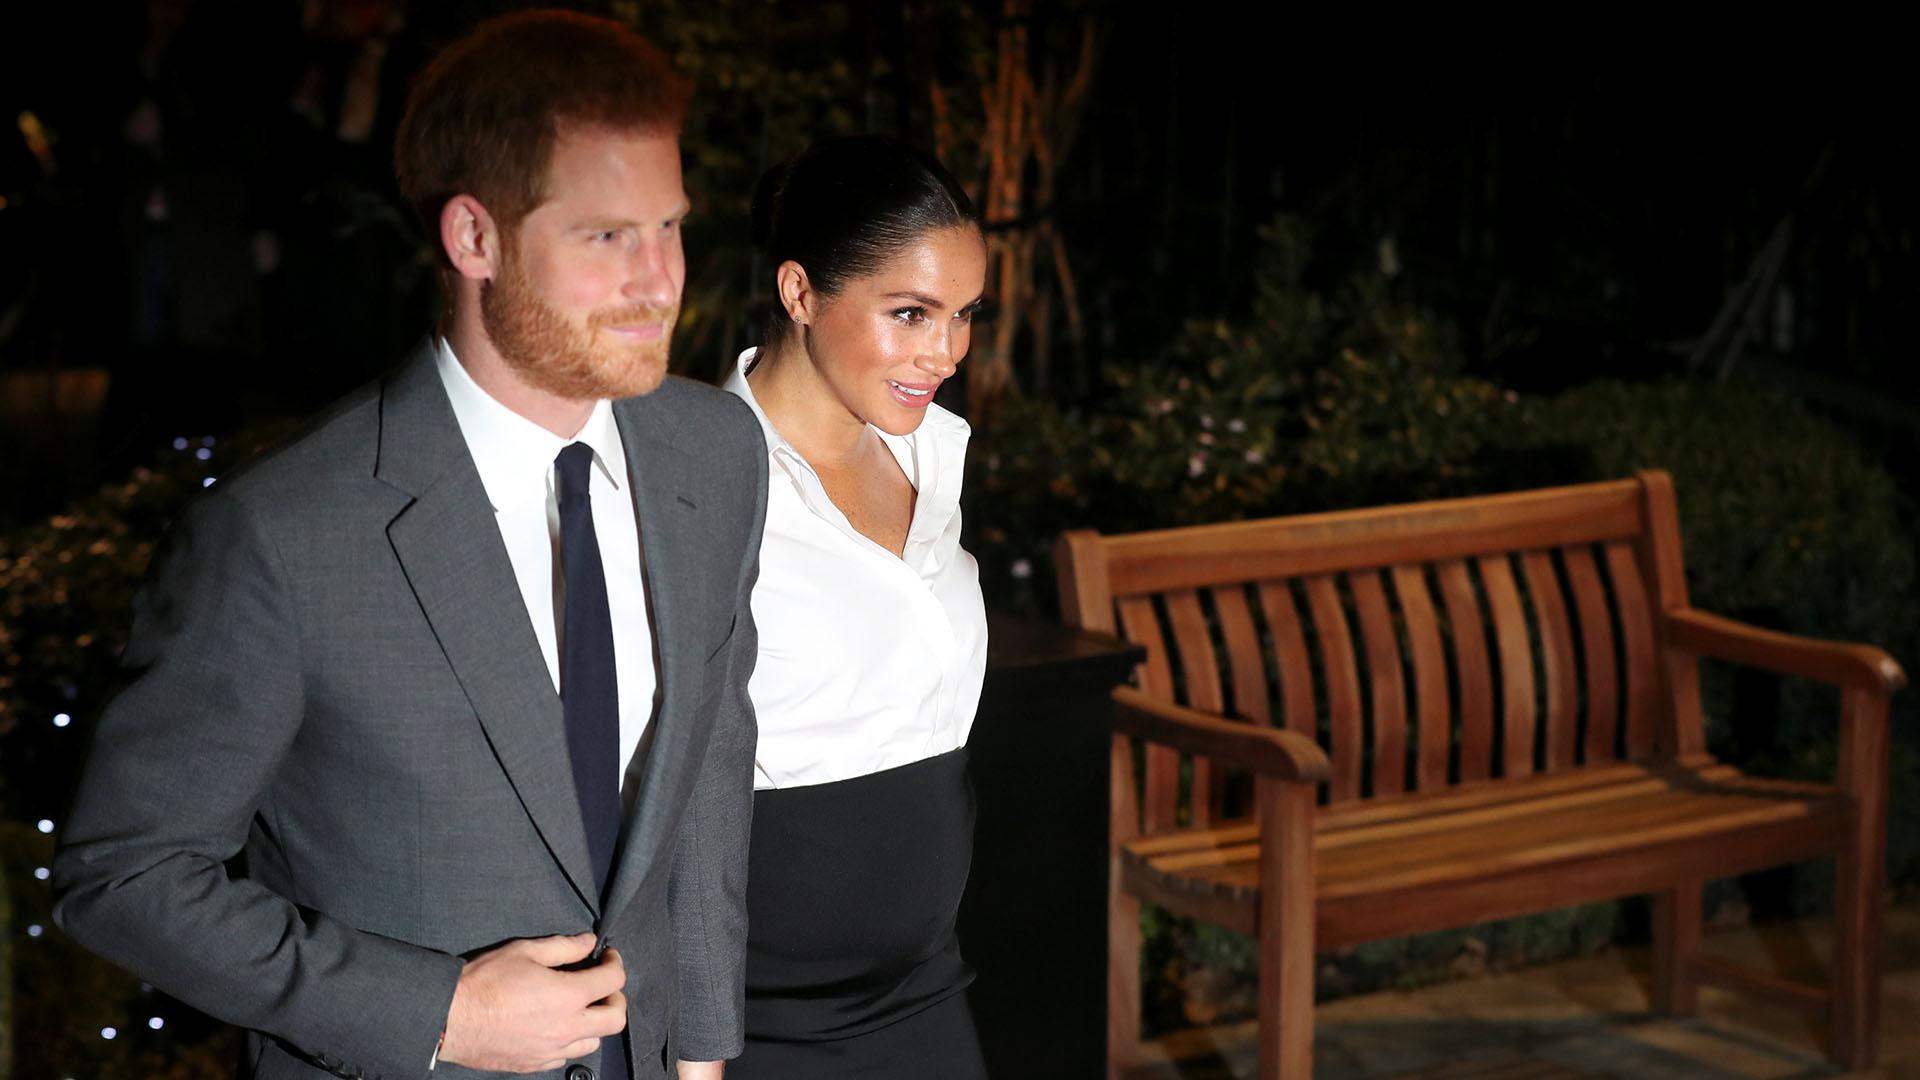 La pareja se casó el año pasado en una emotiva ceremonia y, al poco tiempo, el Palacio real anunció el embarazo